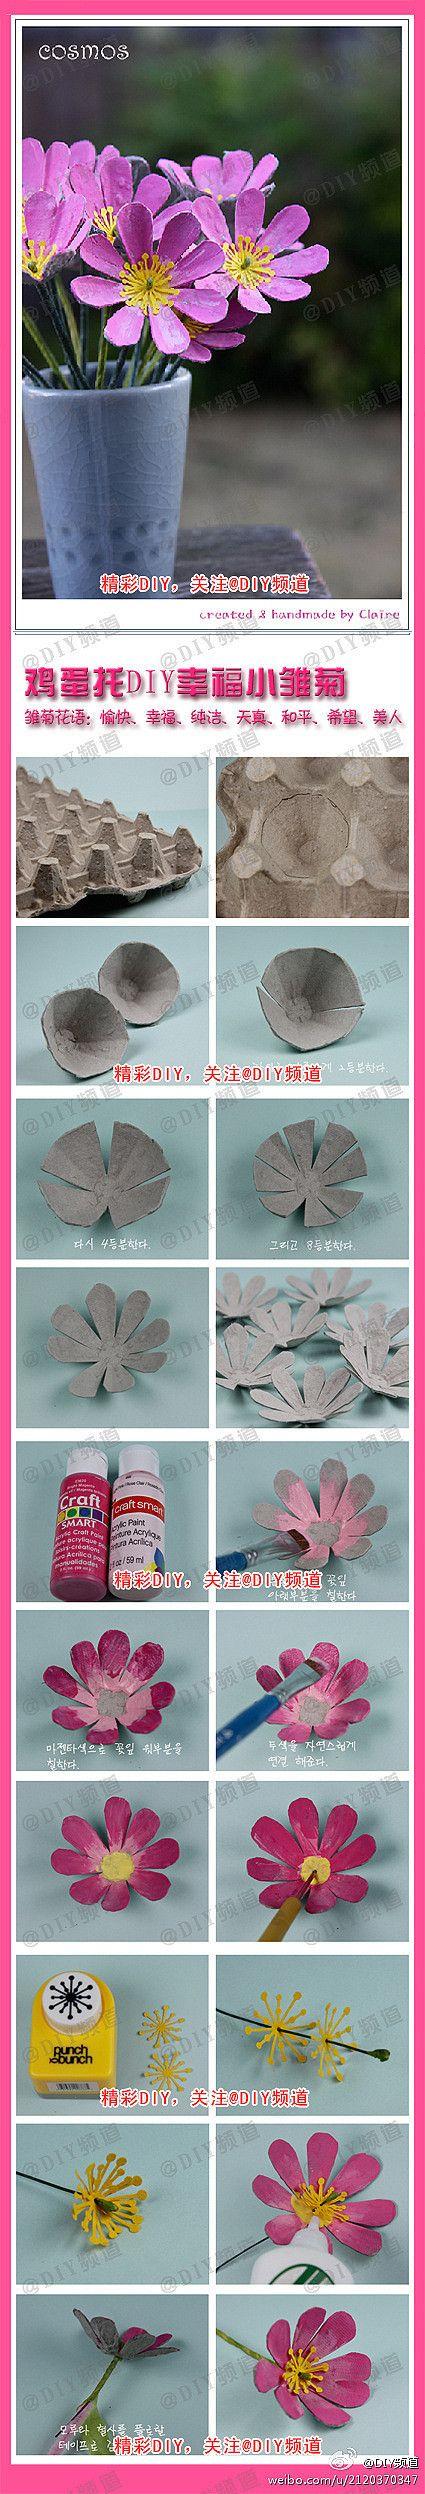 Diy-egg-carton-daisy-flower_large